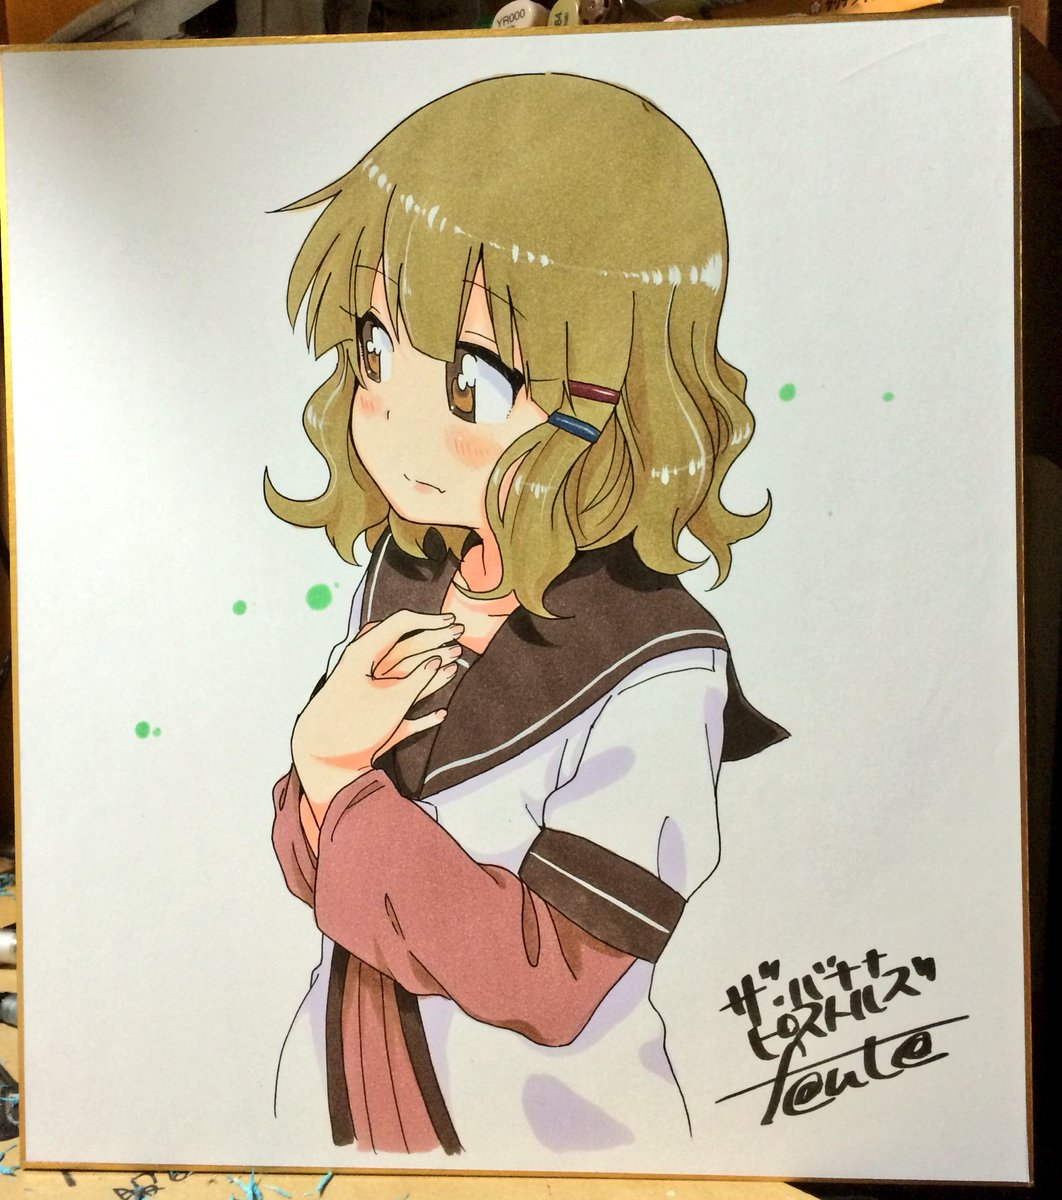 ゆるゆりの大室櫻子ちゃん12月11日(日)のコミックライブ名古屋ウインタースペシャルにて頒布しまーすよろよろ~